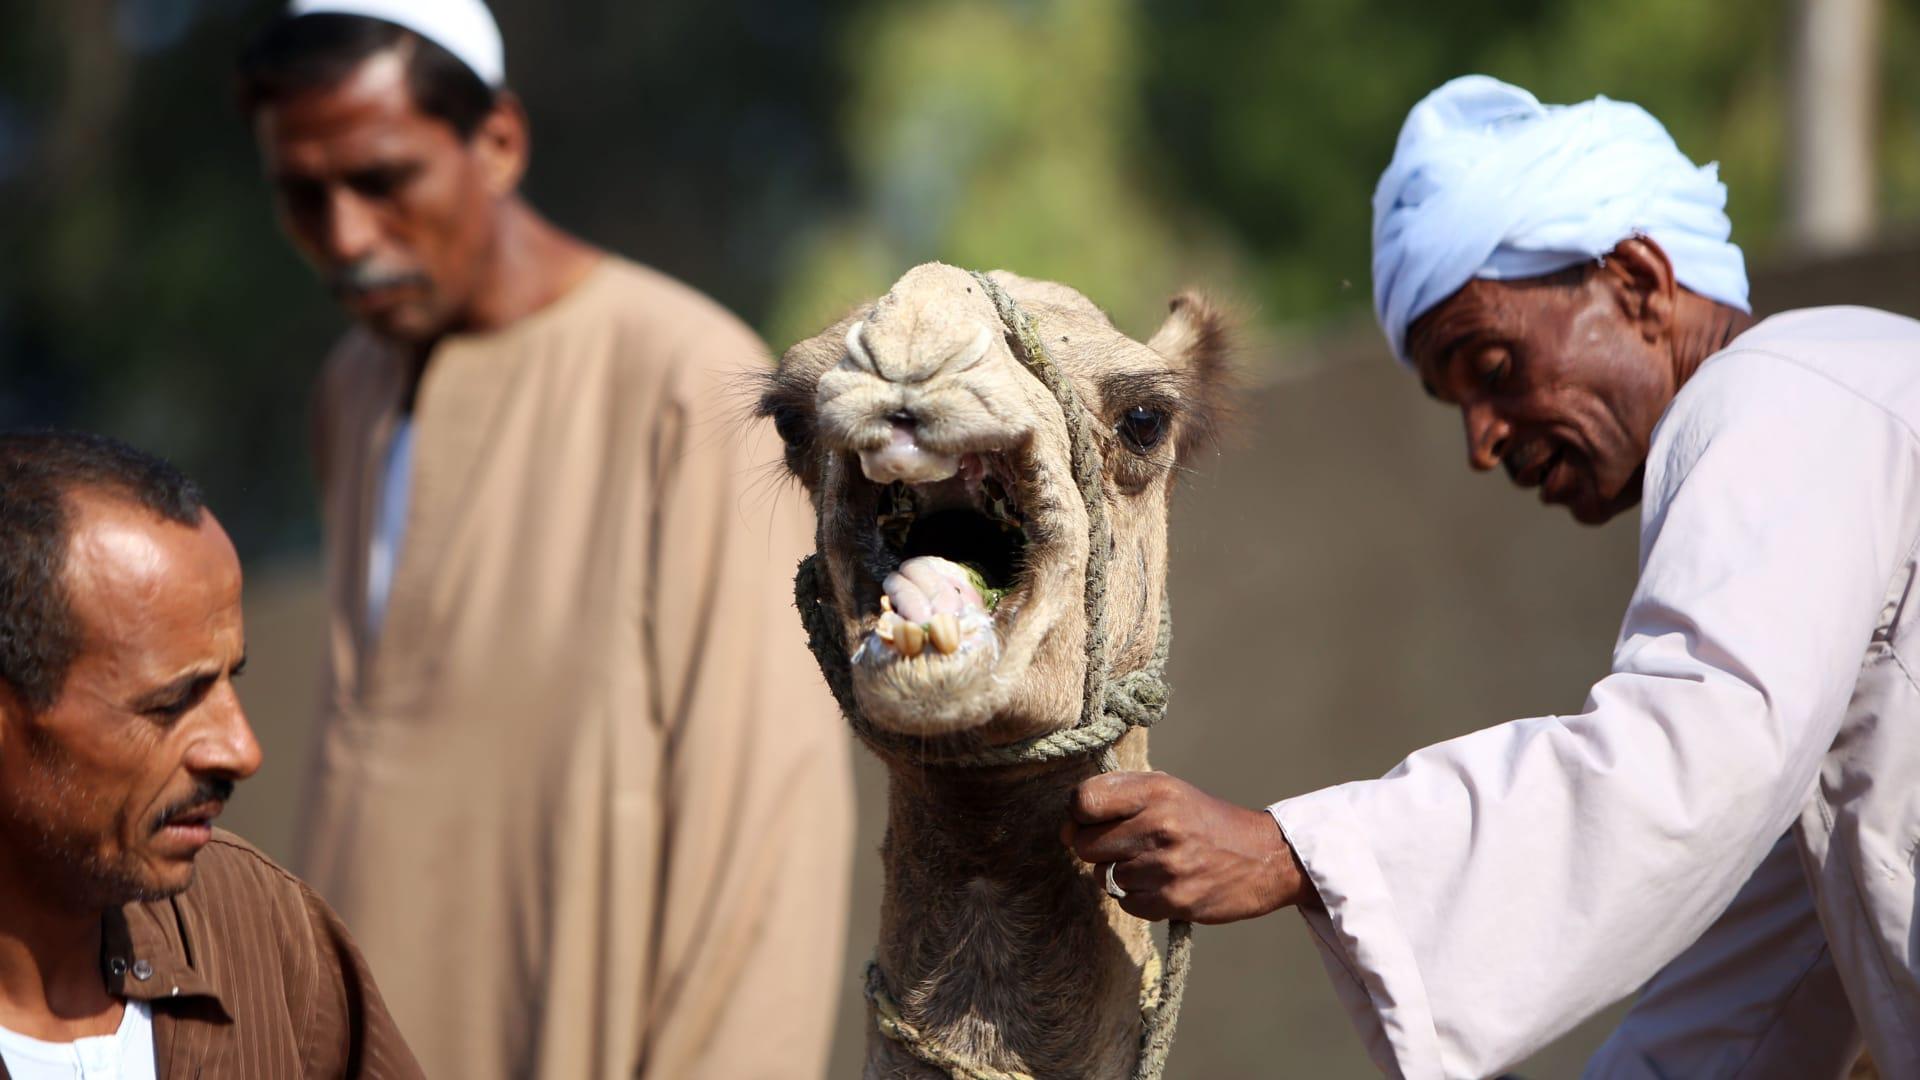 مصري يعرض جملا للبيع في أحد أسواق القاهرة استعدادا لعيد الأضحى